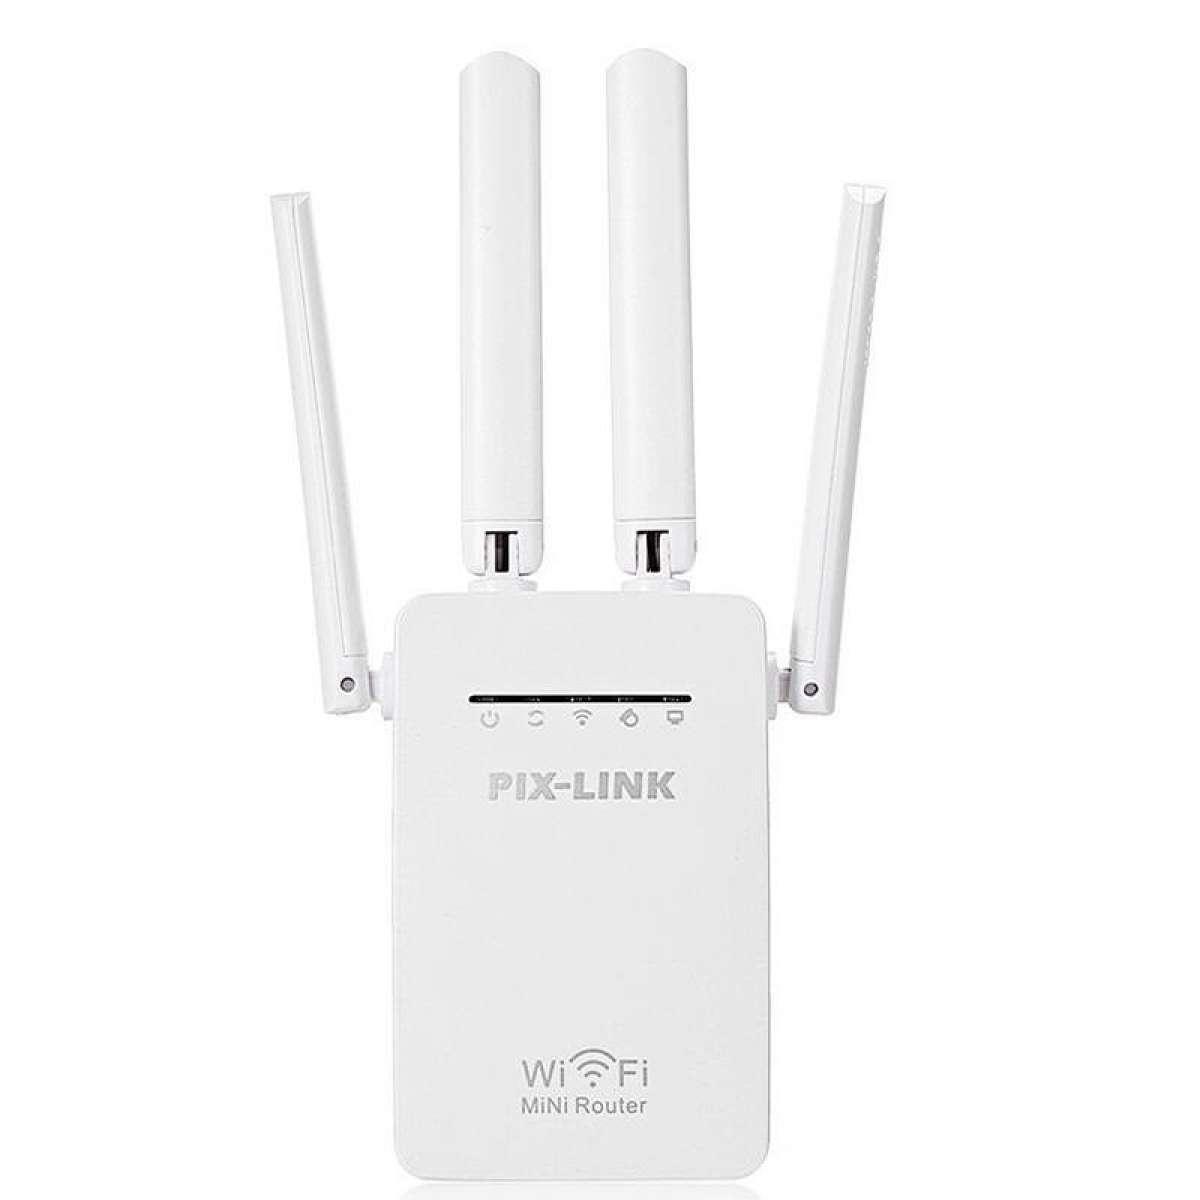 Bộ kích sóng wifi 4 râu-Bộ thu phát wifi cho gia đình-Bộ kích song wifi loại tốt